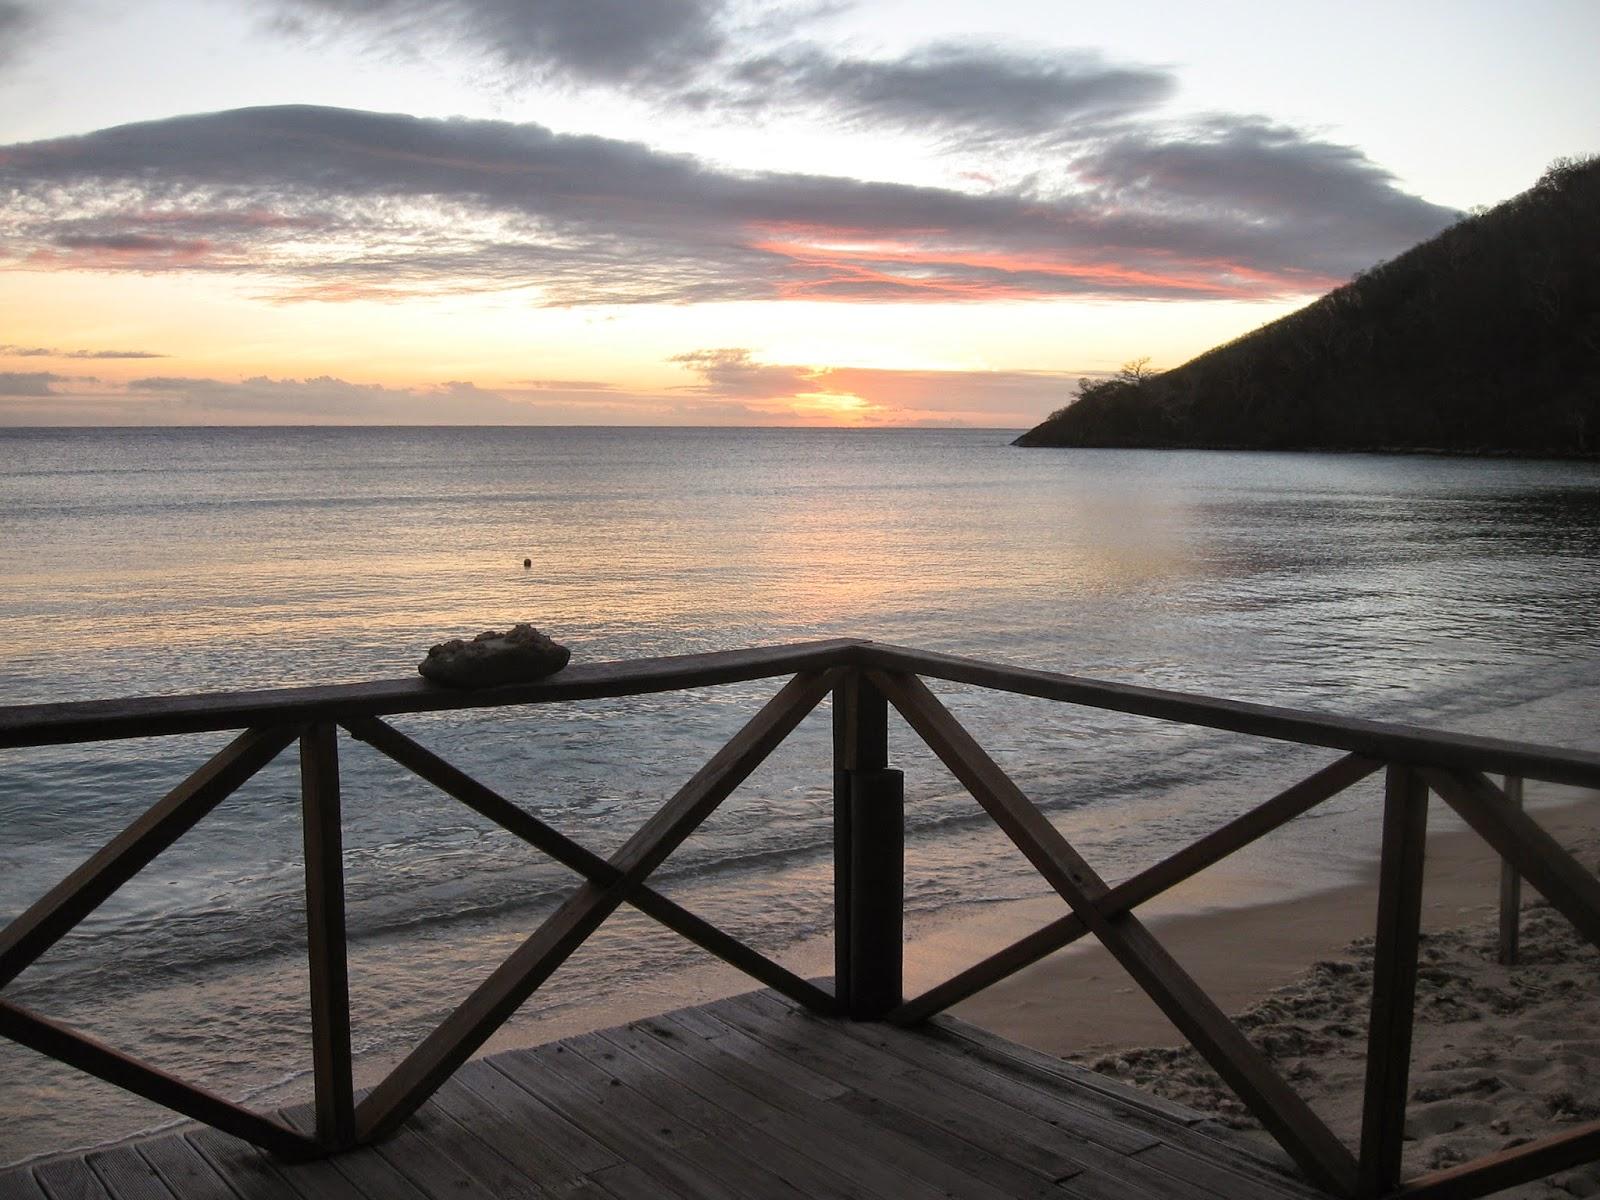 Sunset in the Yasawa Islands, Fiji